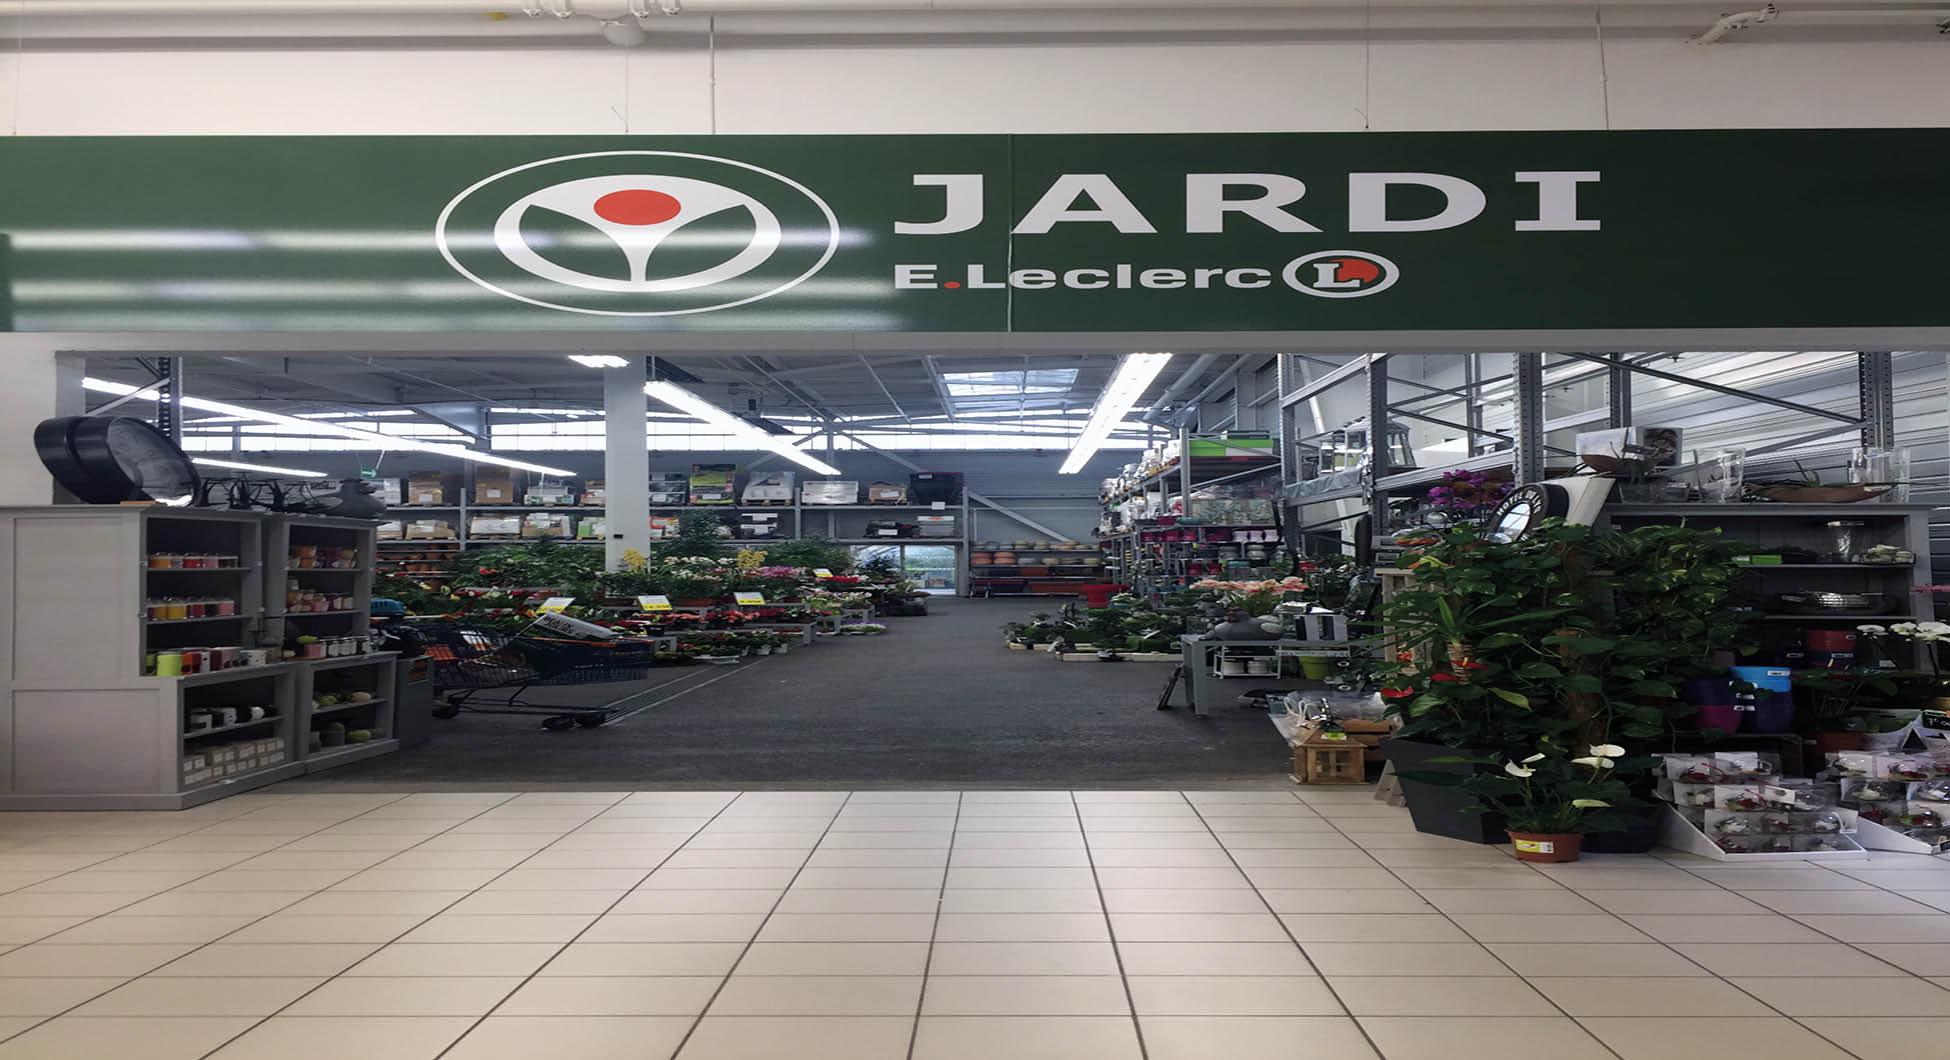 E.leclerc Rochefort Sur Mer - Rochefort - Jardi avec Salon De Jardin Pas Cher Leclerc